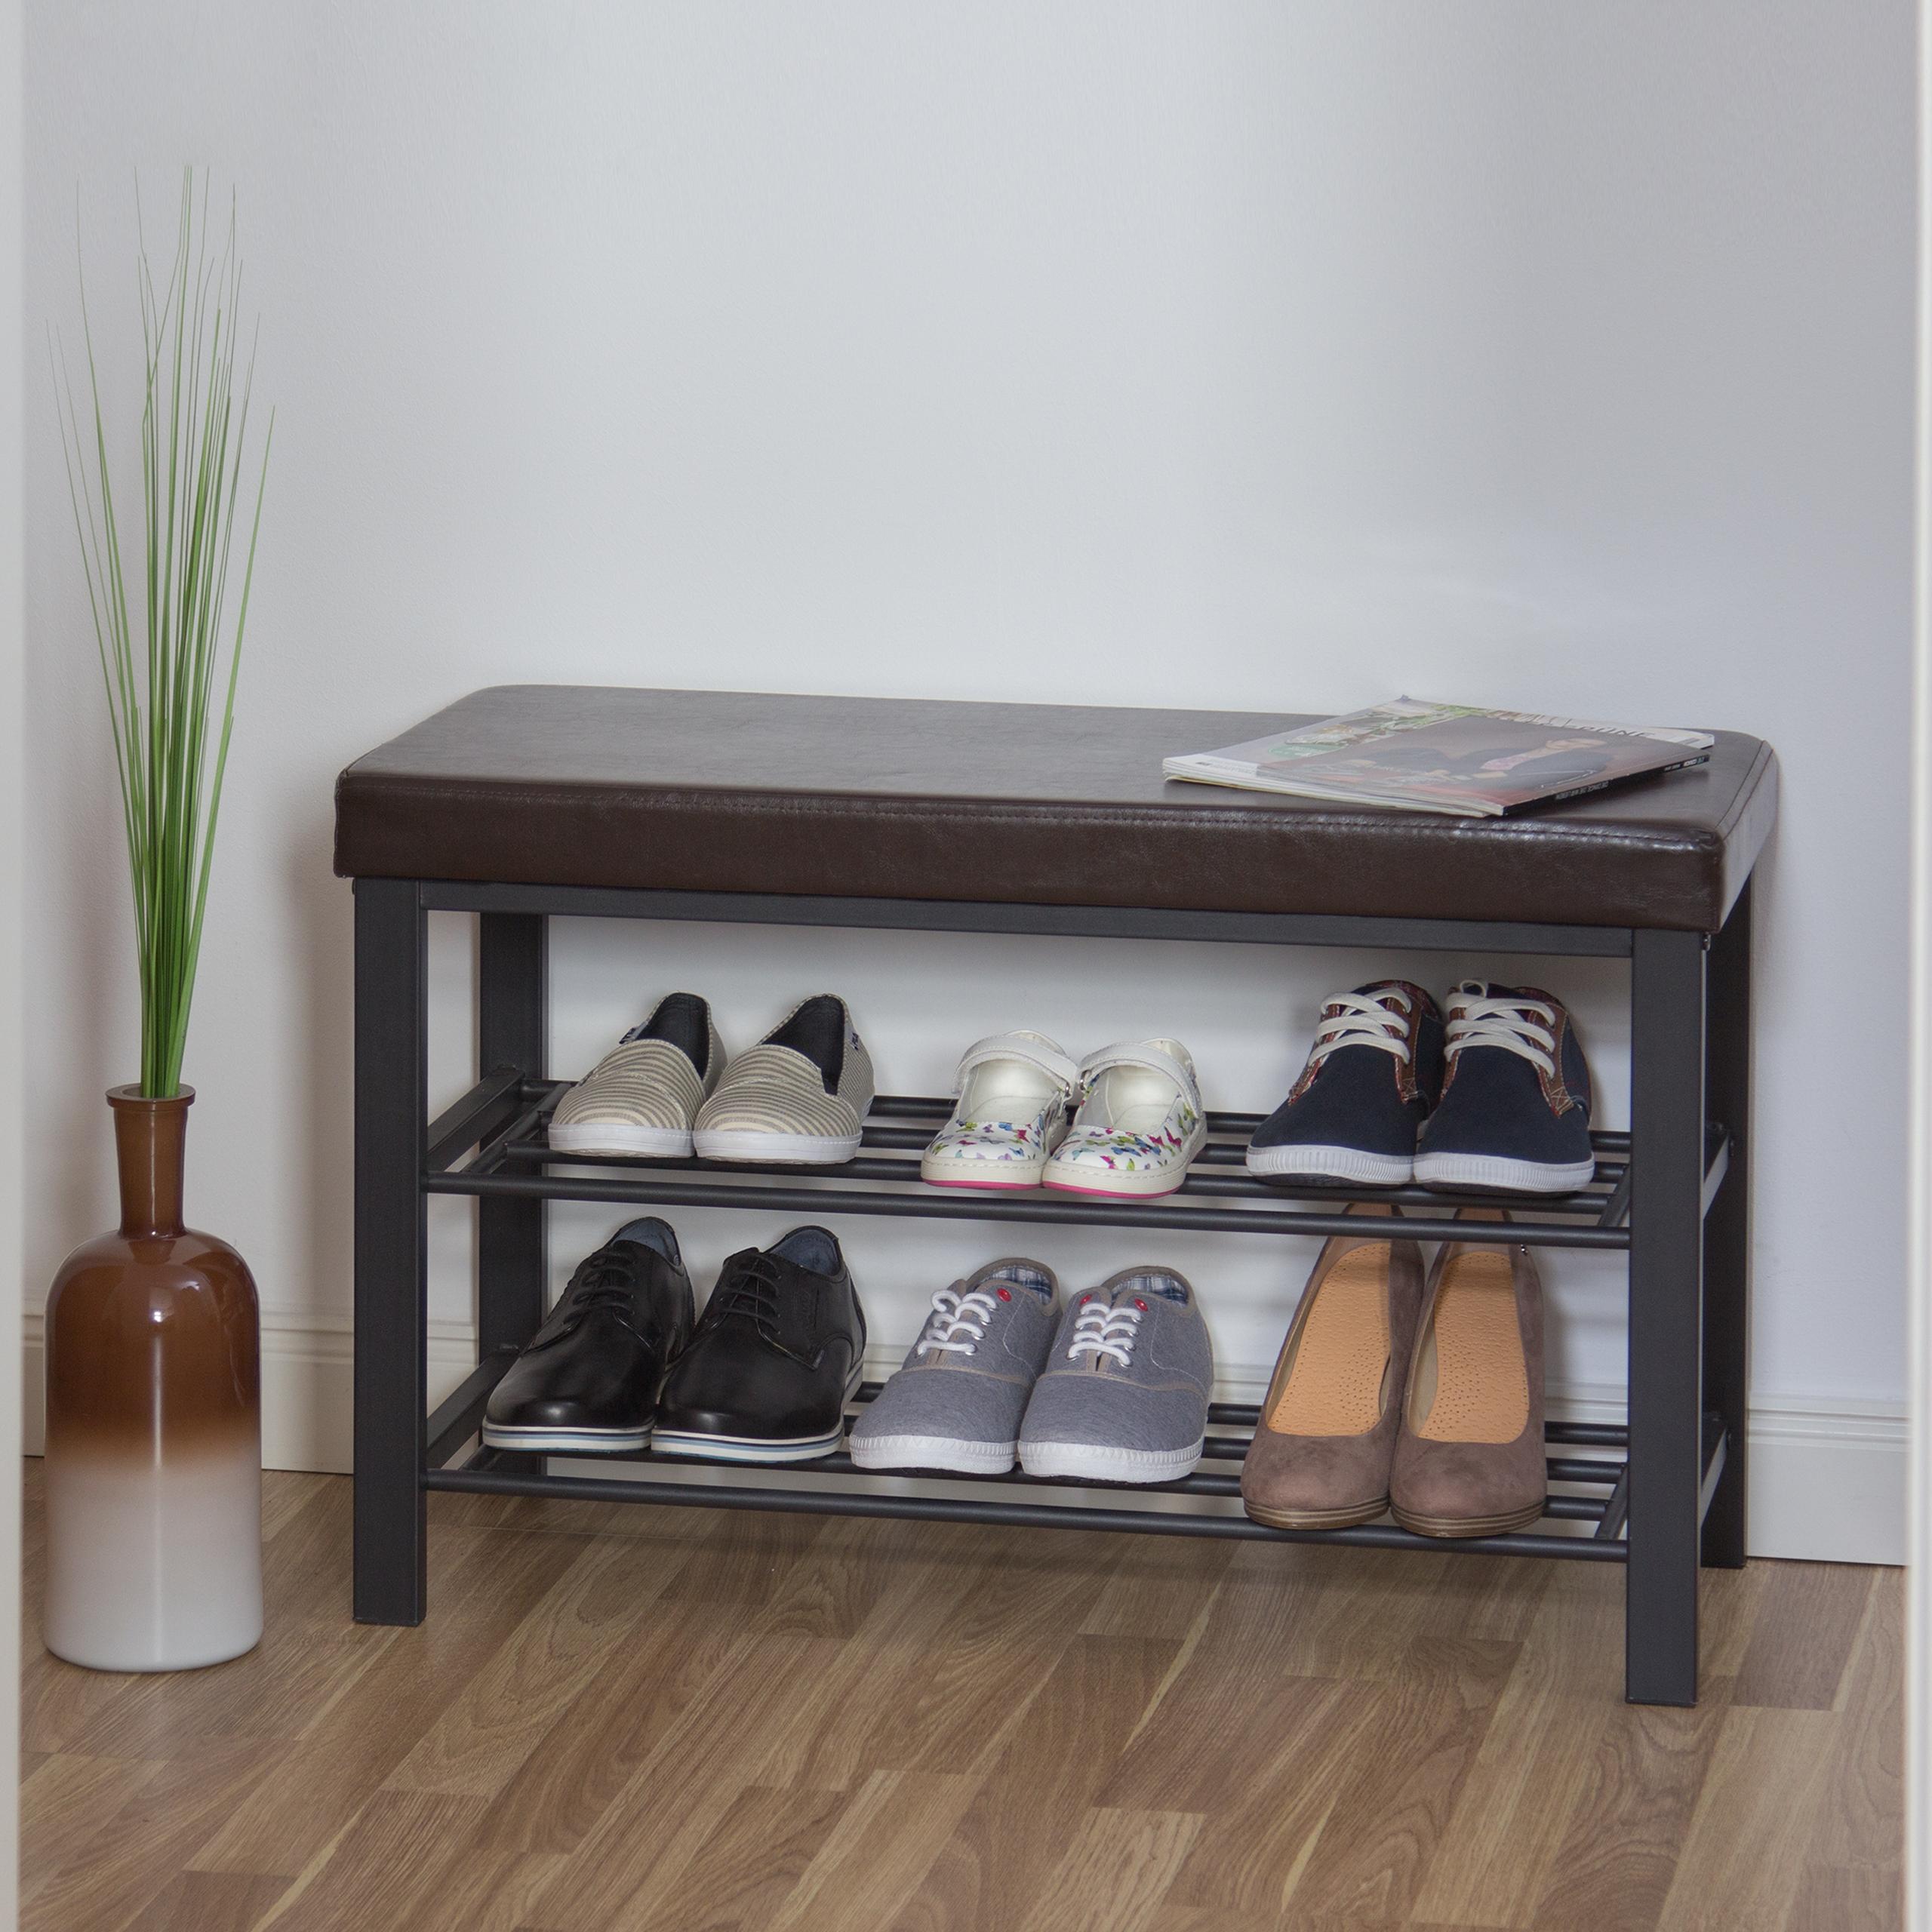 Schuhbank-Sitzbank-mit-Ablage-Polsterung-Schuhregal-offen-Schuhablage-Schuhregal Indexbild 3